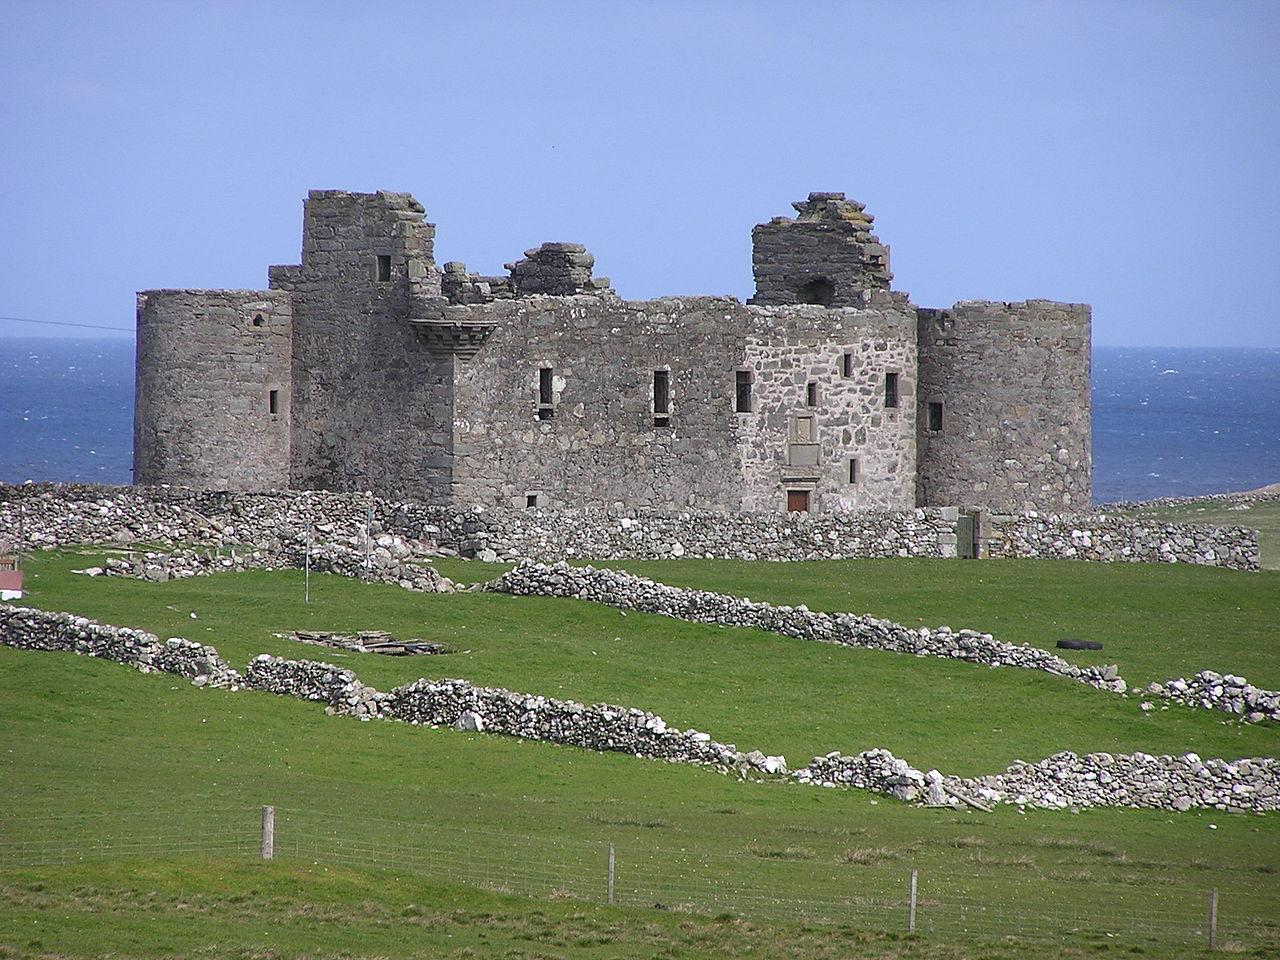 купить замок в шотландии остров анст